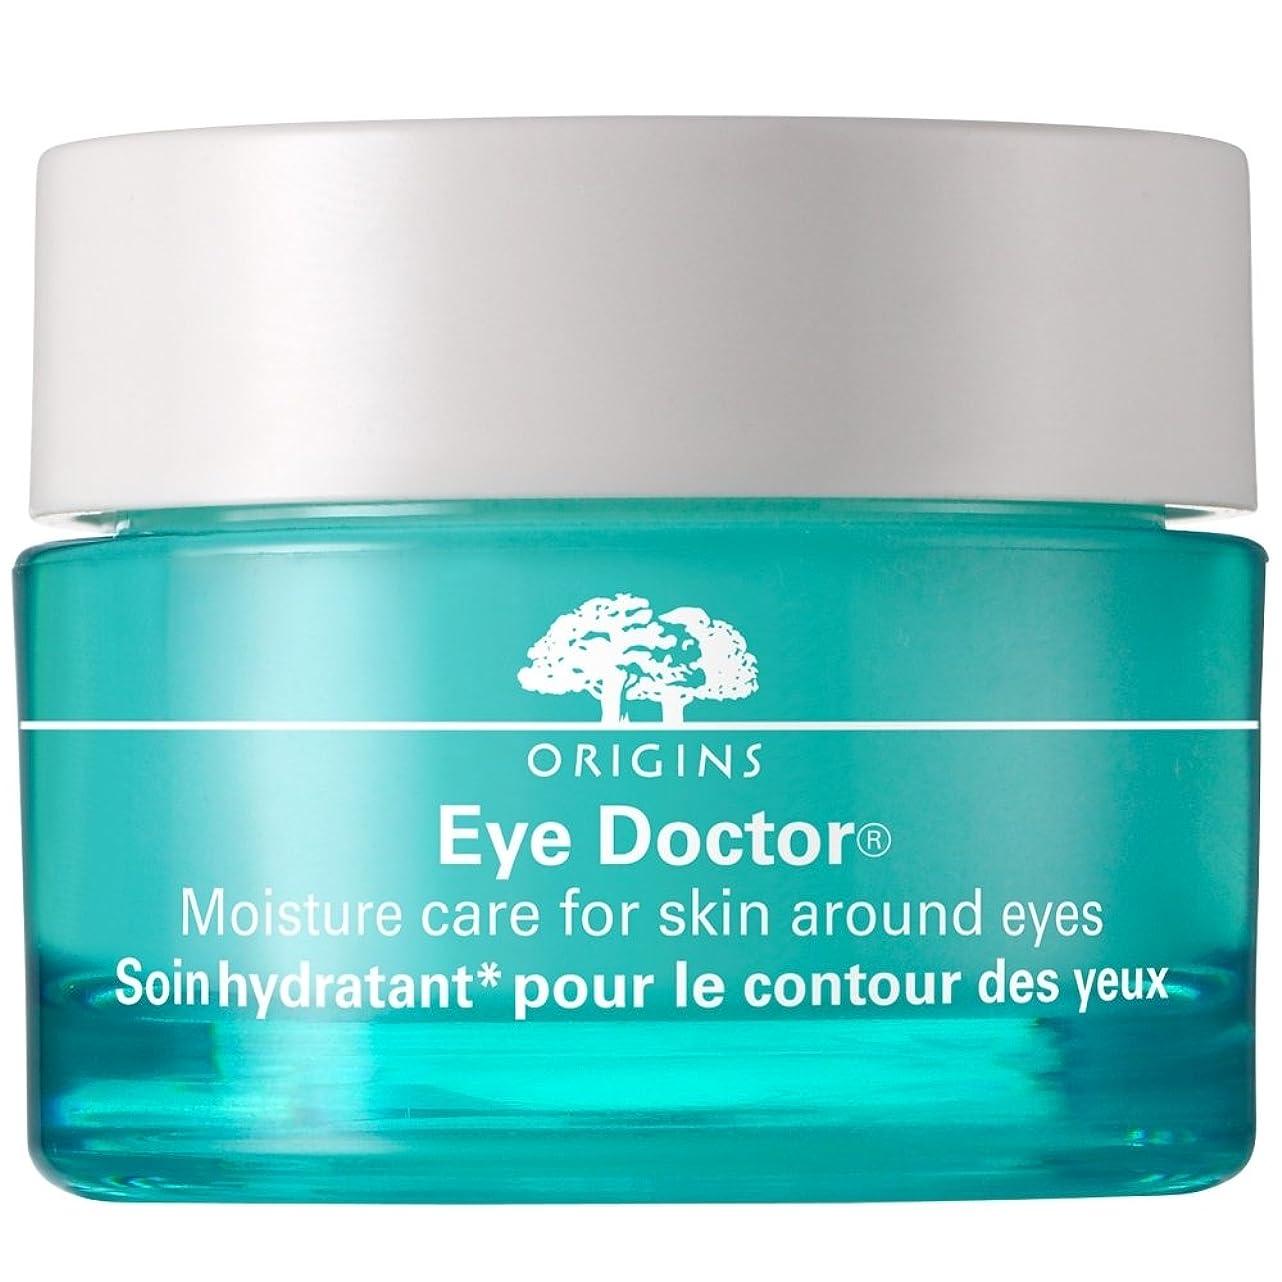 公平展開する学習目の15ミリリットルの周りの肌のための水分ケアDoctor?起源目 (Origins) (x6) - Origins Eye Doctor? Moisture Care For Skin Around Eyes 15ml (Pack of 6) [並行輸入品]